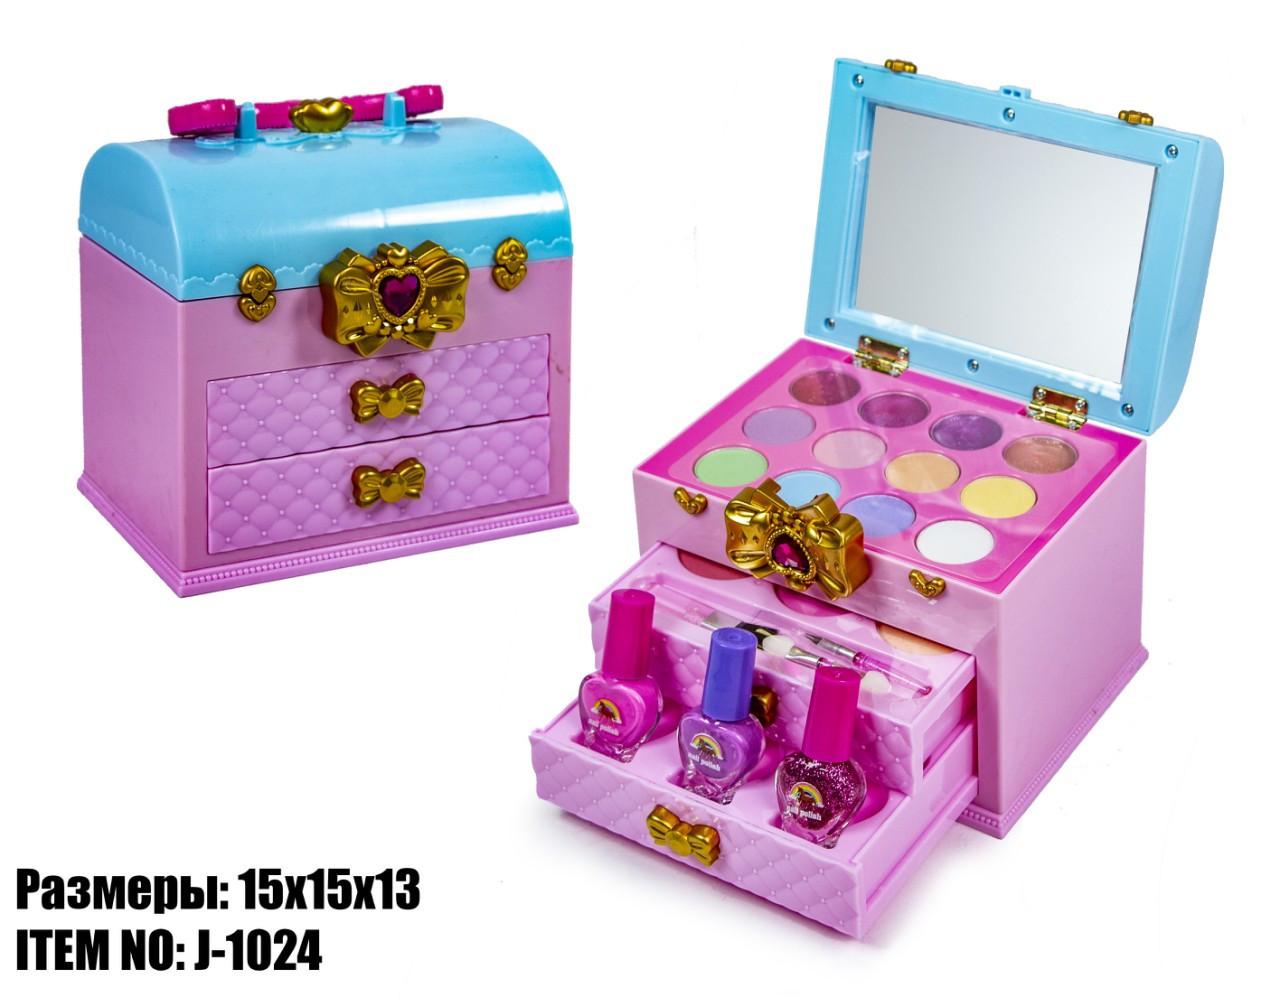 Купить декоративную детскую косметику в москве парфюмерия эйвон